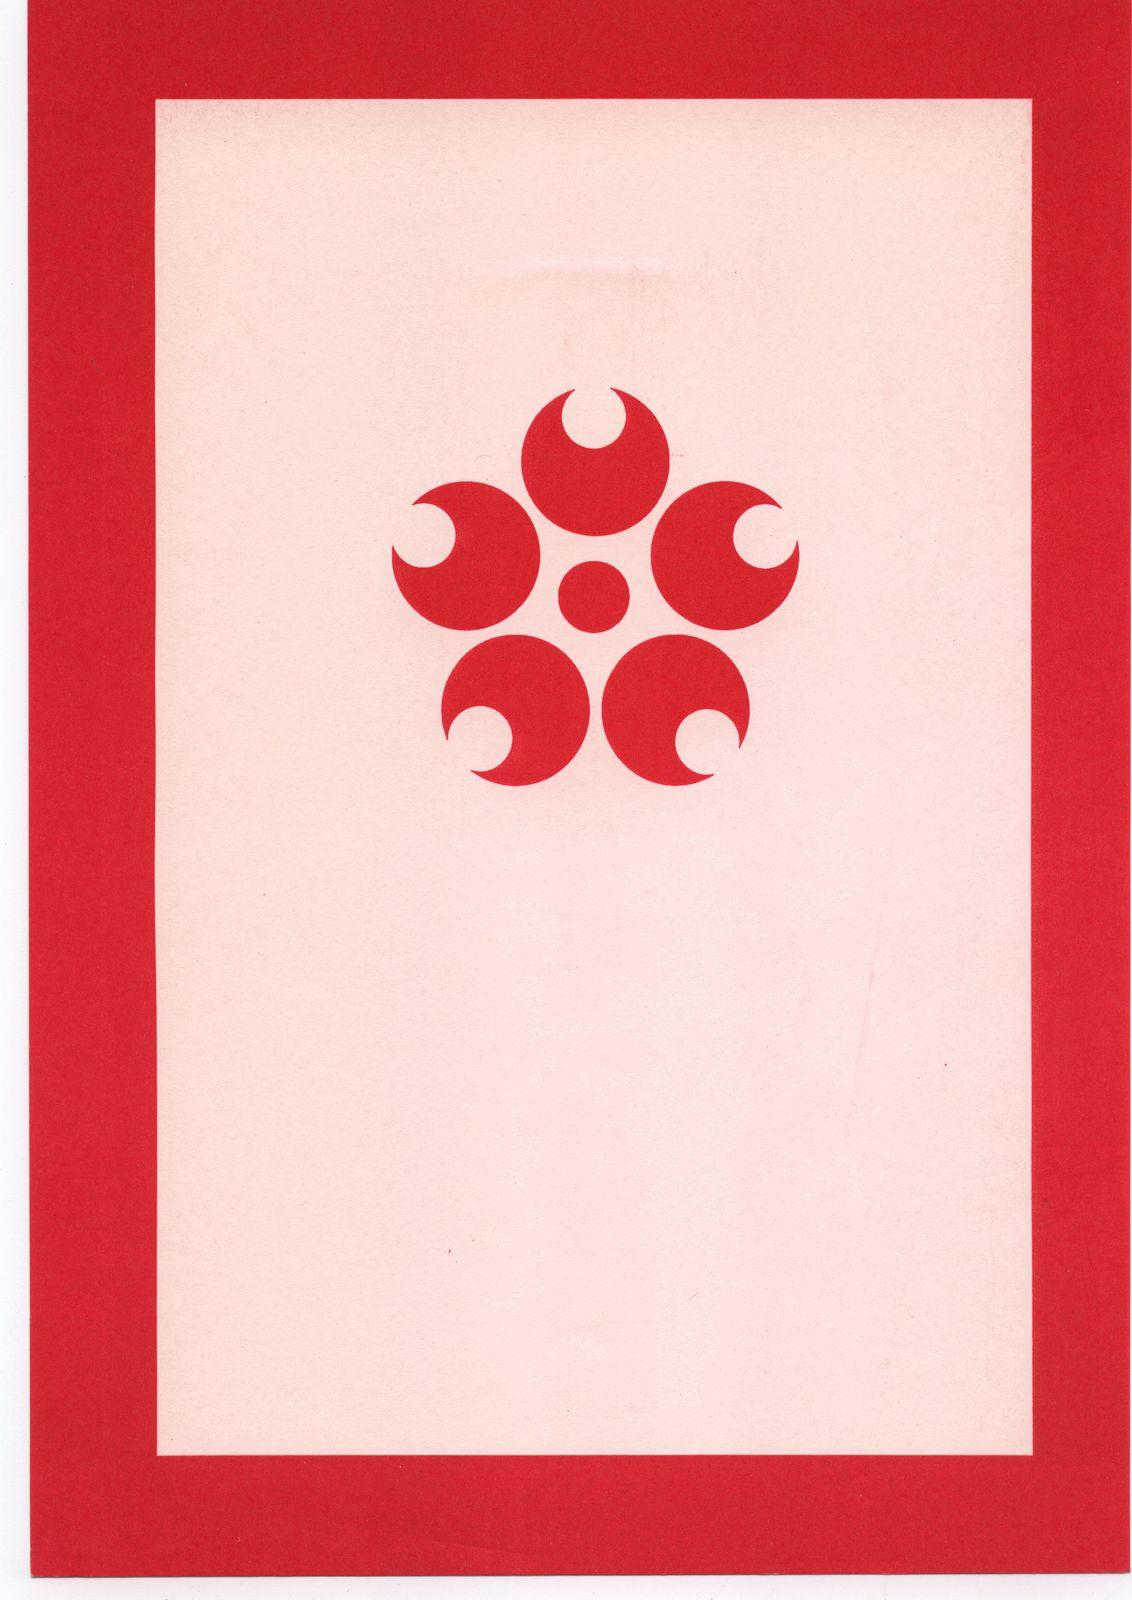 Image 1 in sakura taisen